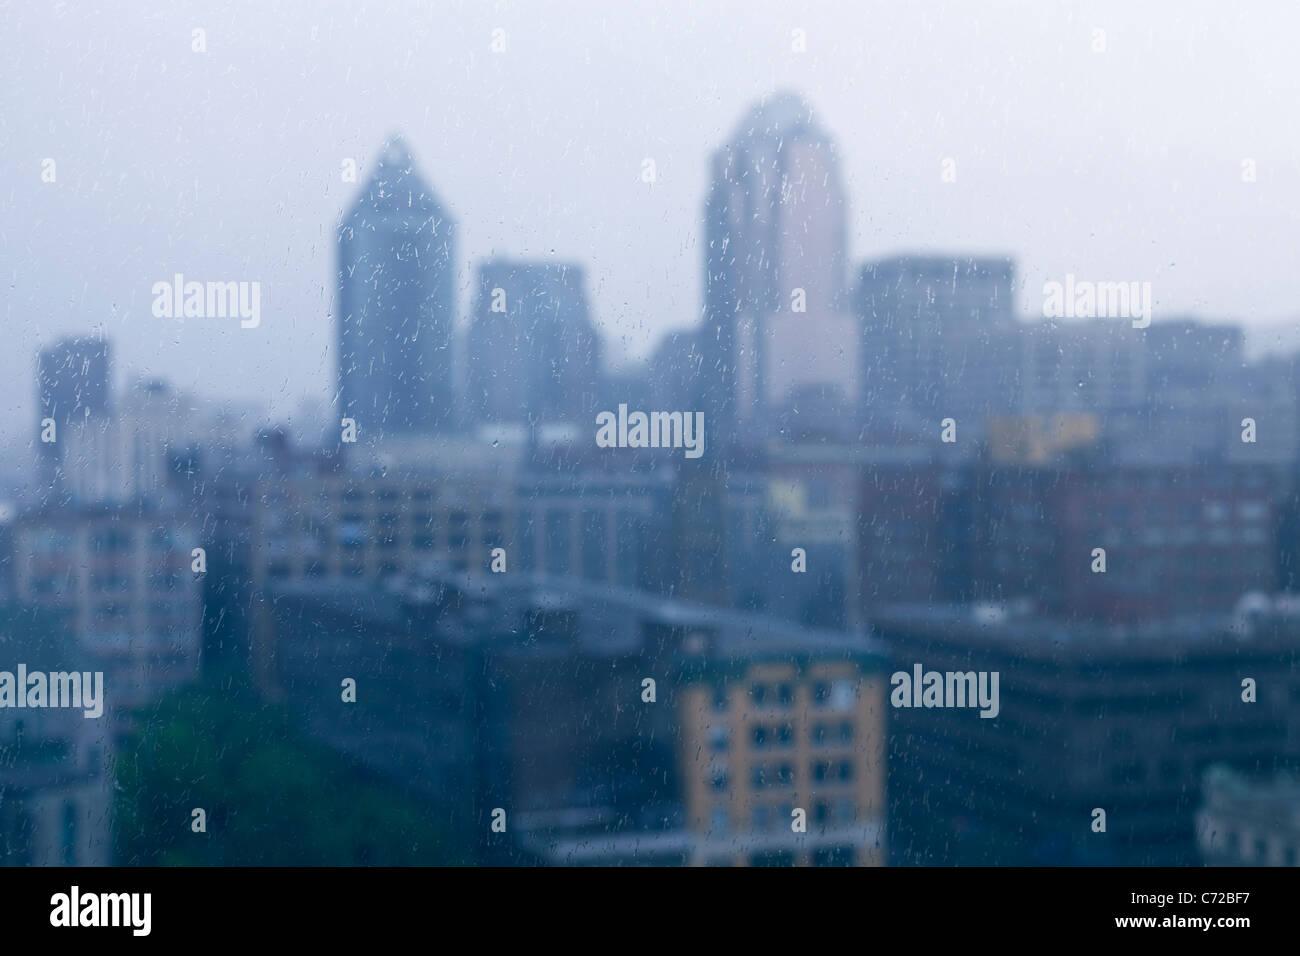 Canada,Quebec,Montreal,voir des bâtiments de Montréal par le biais d'une fenêtre à la pluie Photo Stock